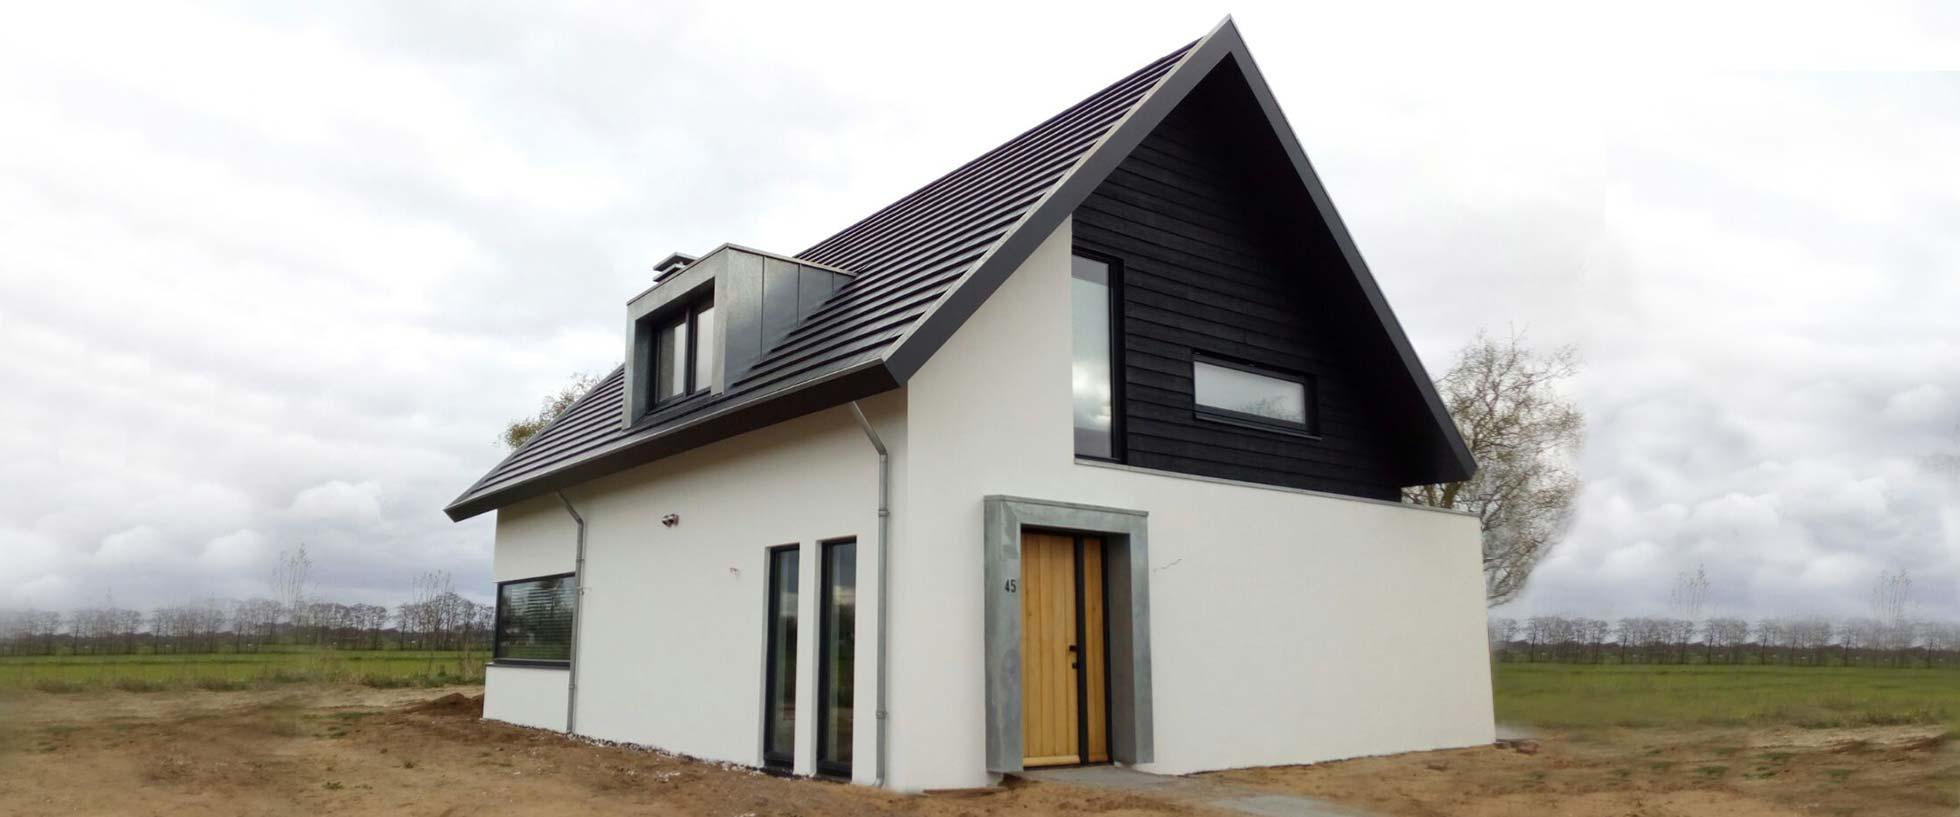 wit gestucte woning laten bouwen door aannemersbedrijf Wielink